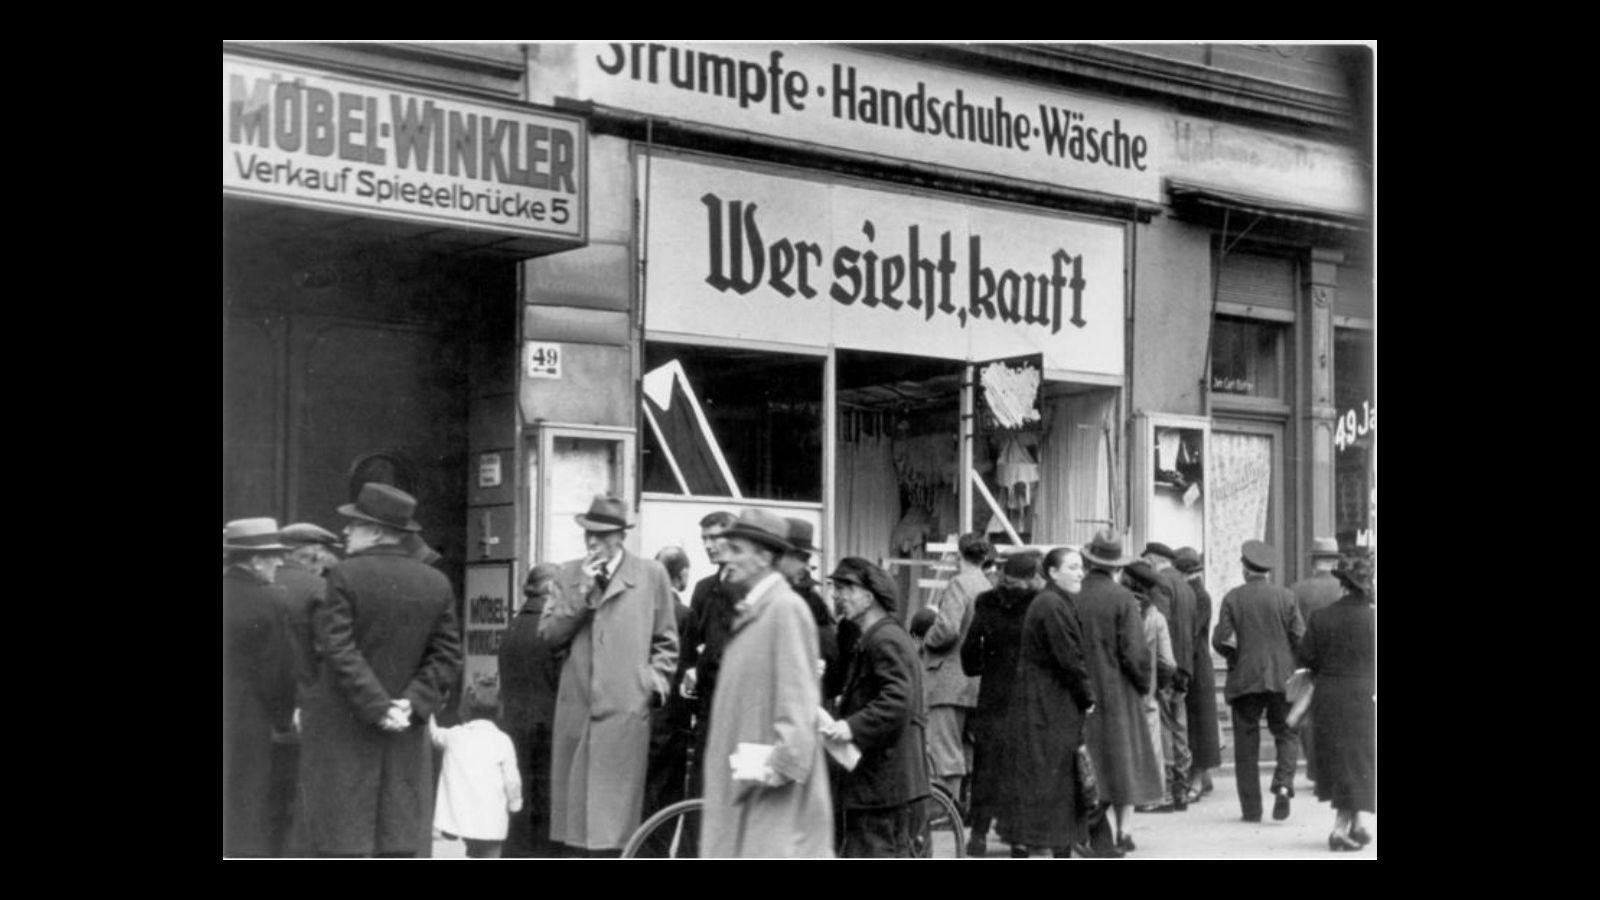 La población de Austria y Alemania amaneció el 10 de noviembre con muchos de los locales destruidos a manos de los esbirros de Hitler